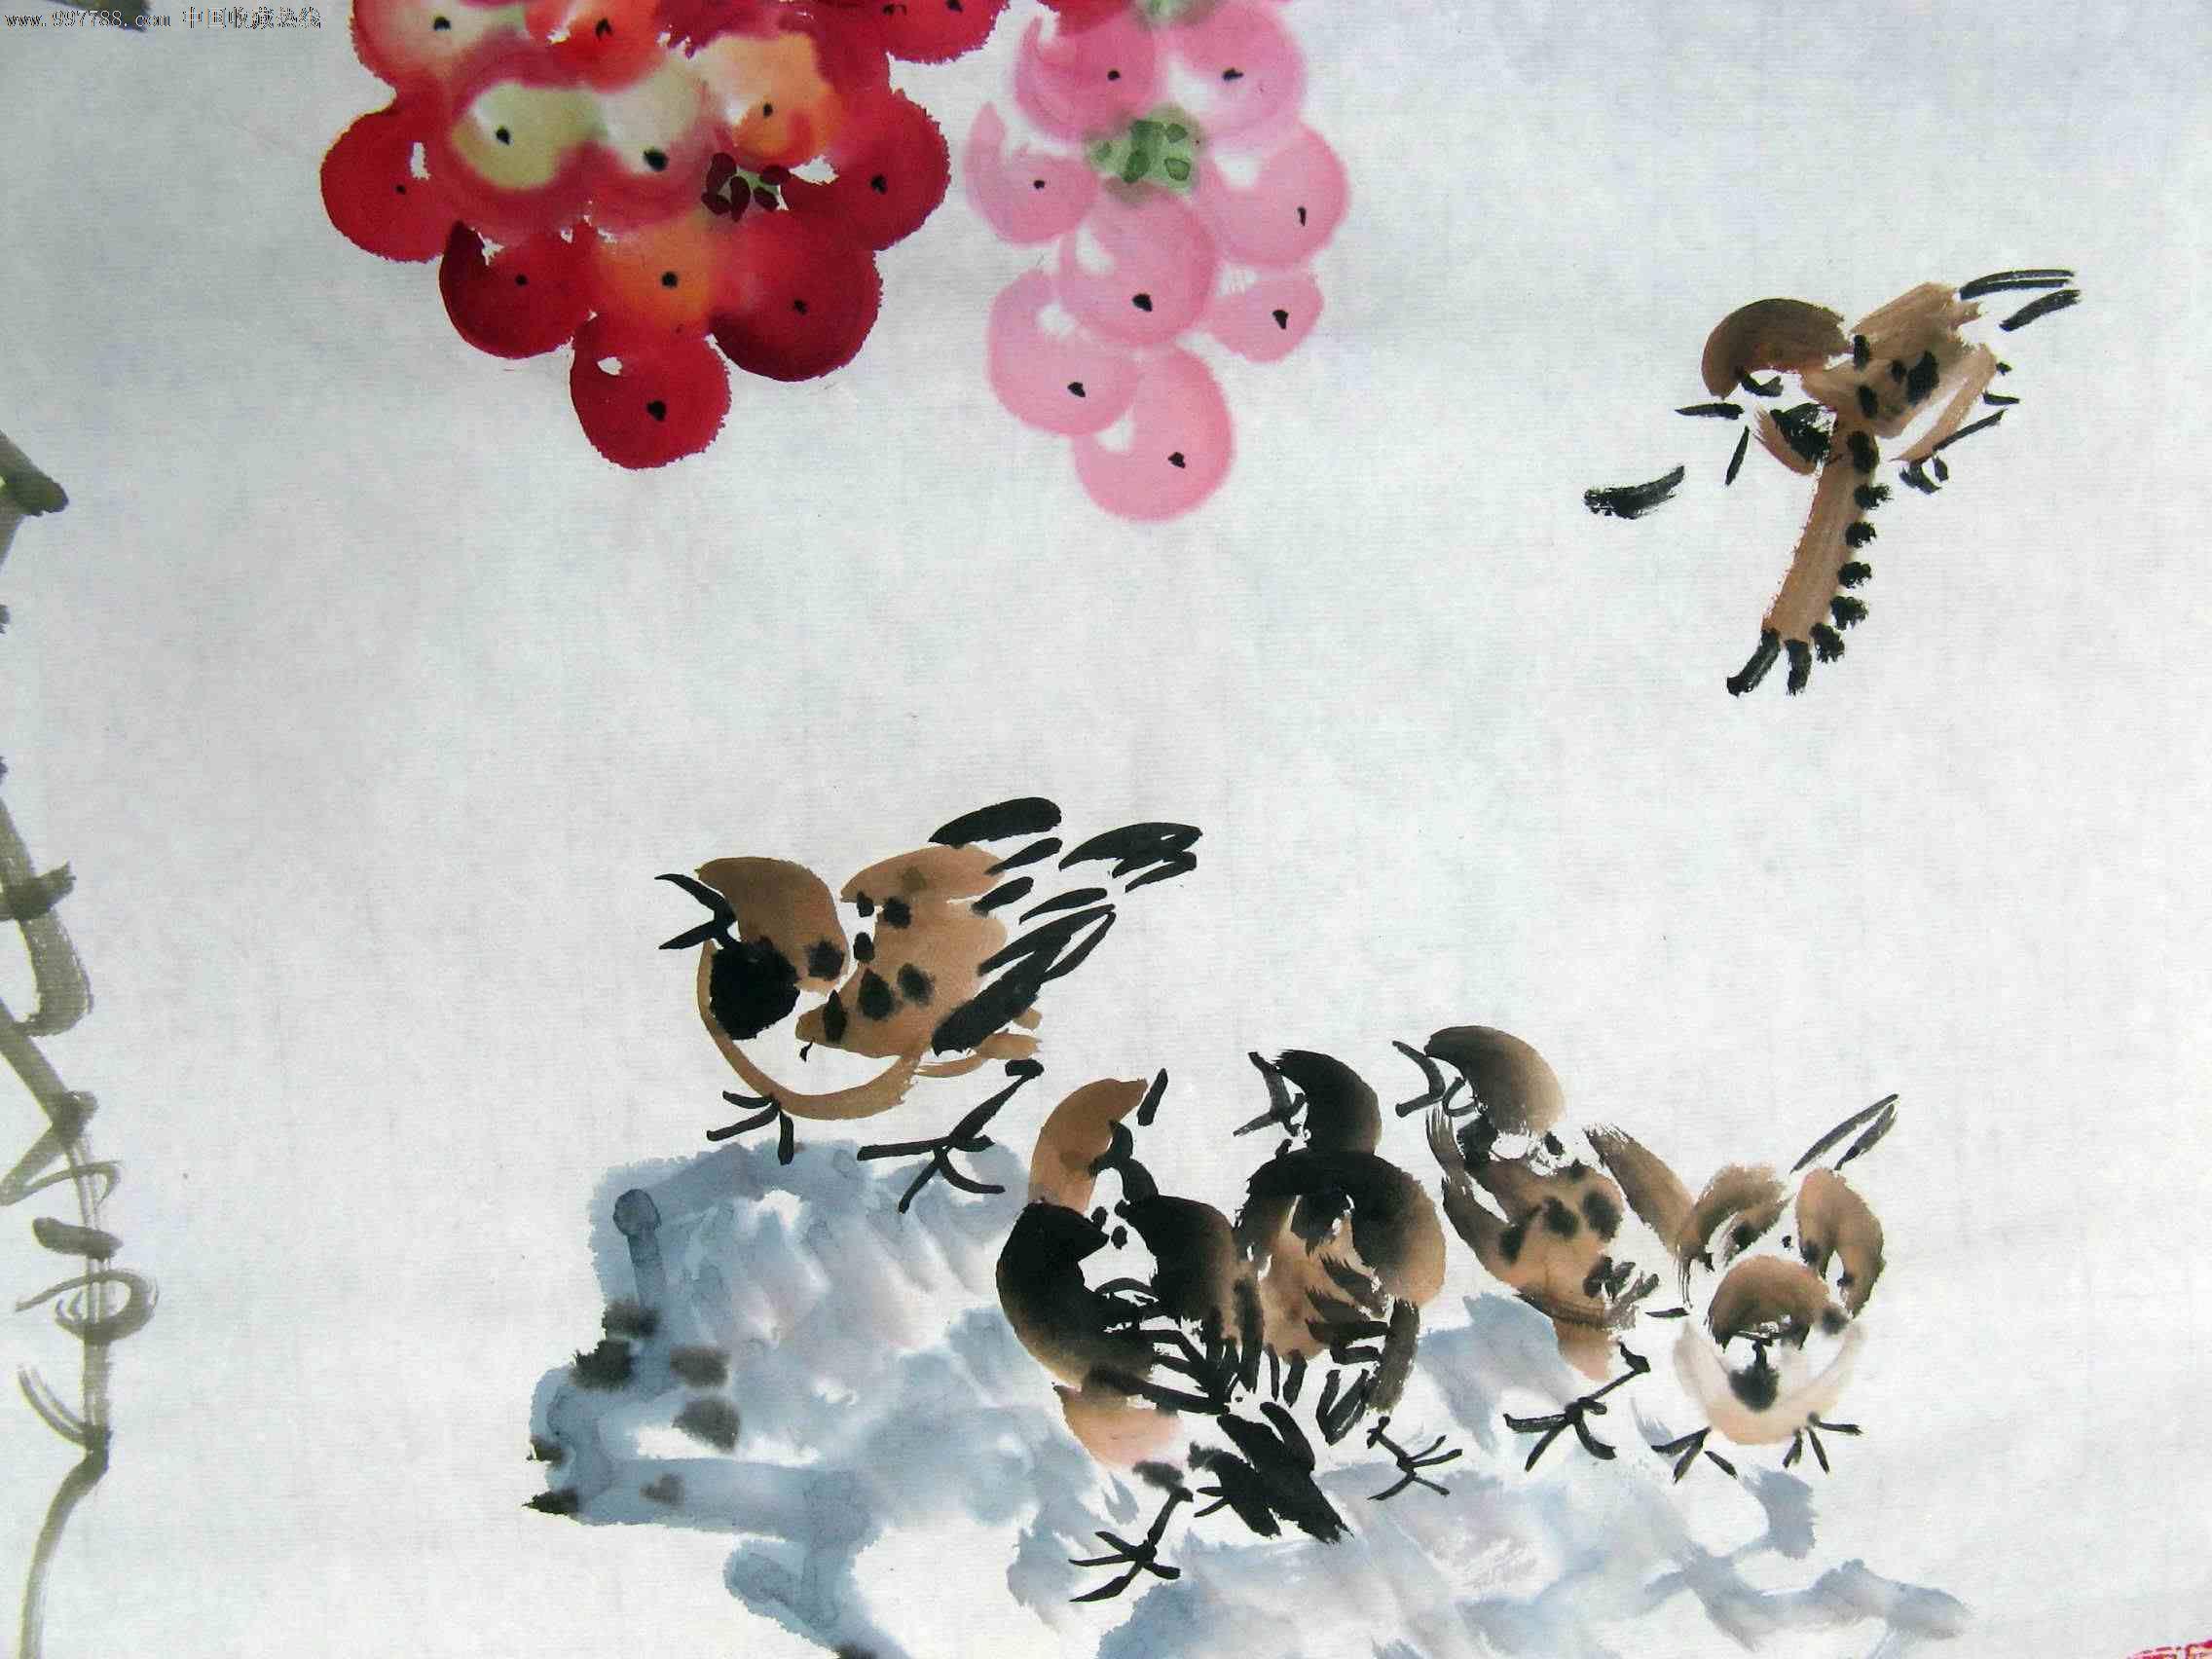 国画水墨写意葡萄; 水墨葡萄-国画-搜艺搜;